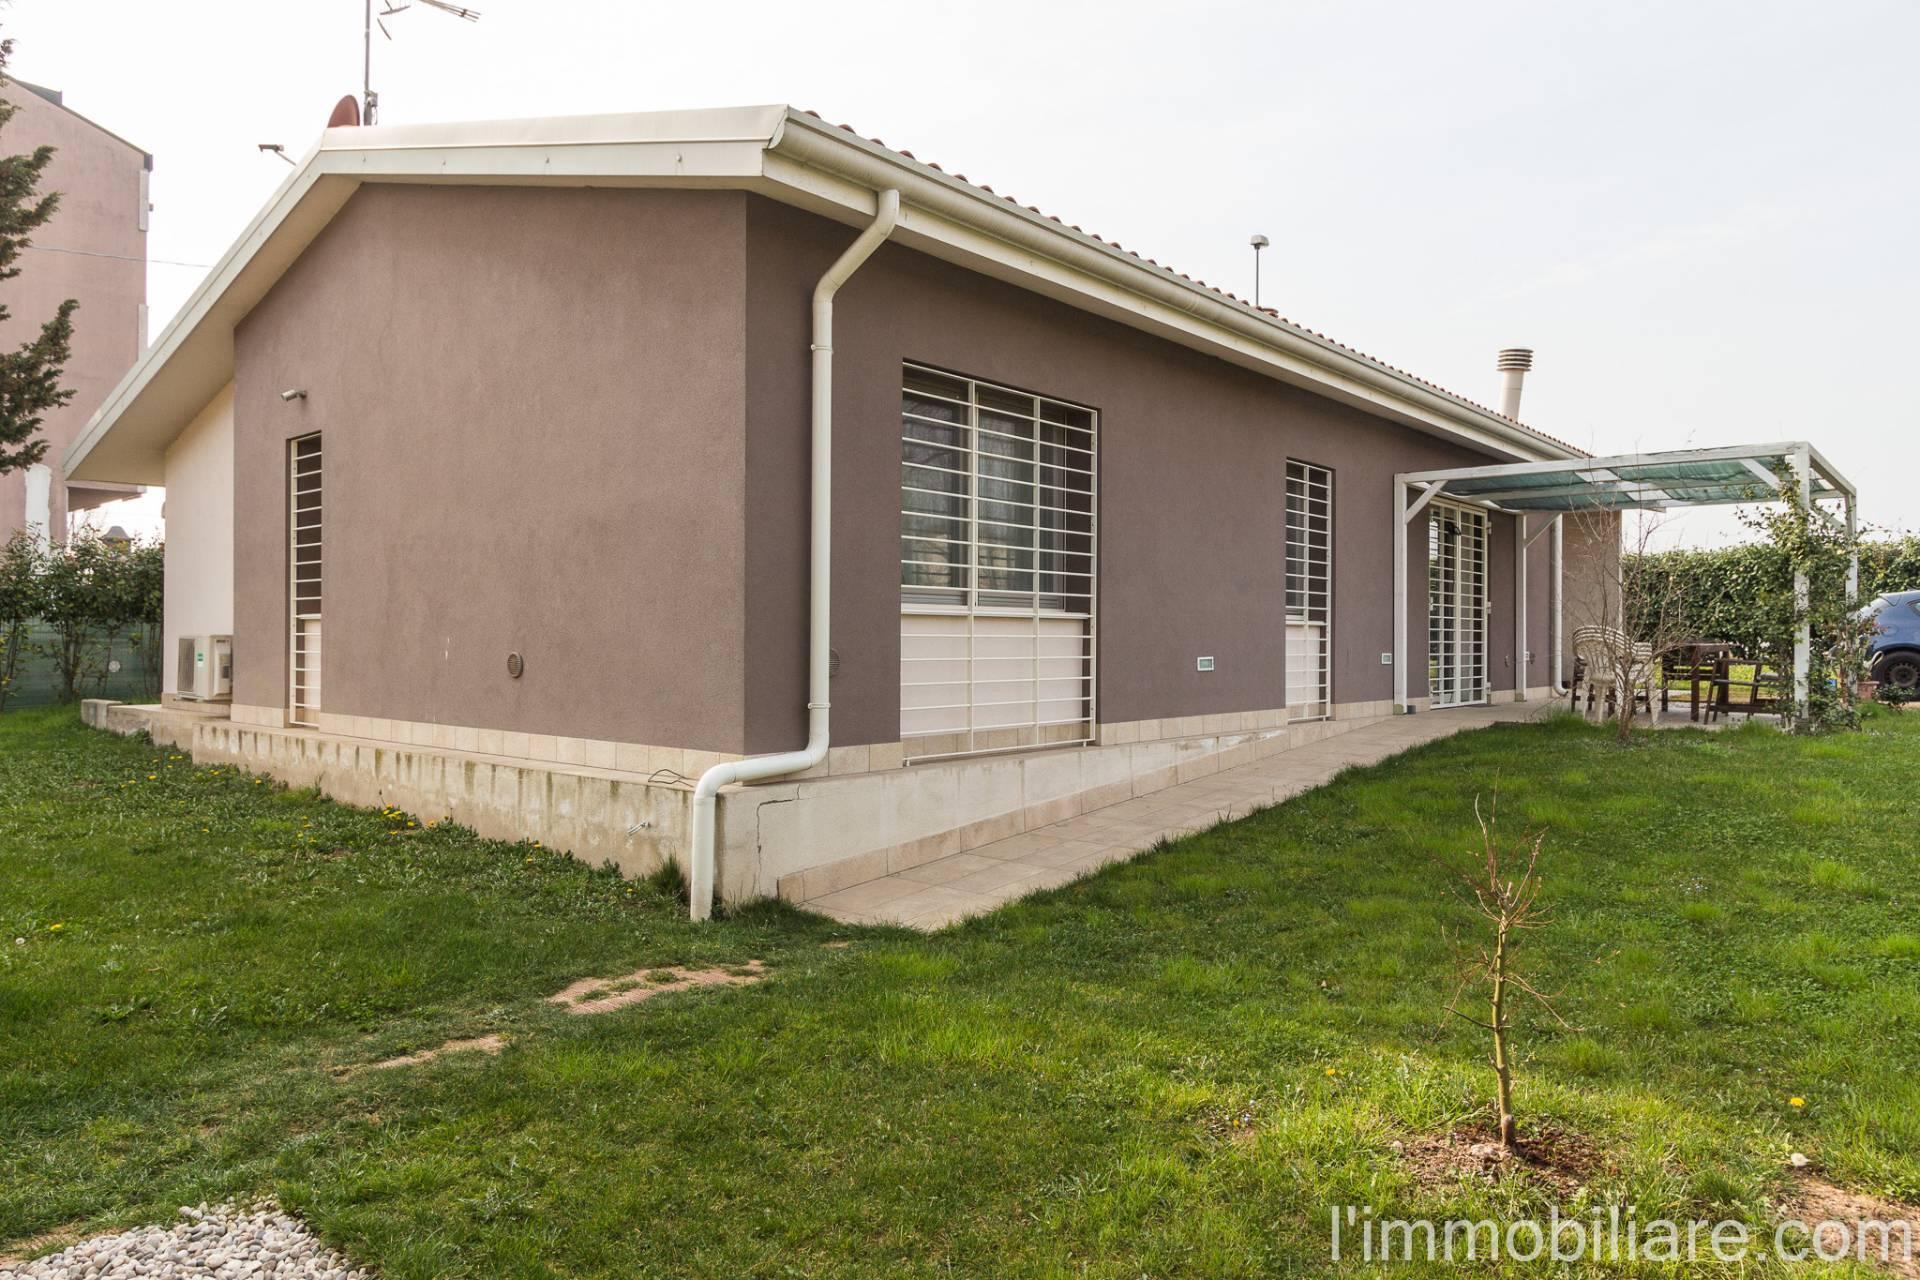 Villa in vendita a Verona, 10 locali, zona Località: Montorio, prezzo € 749.000 | CambioCasa.it